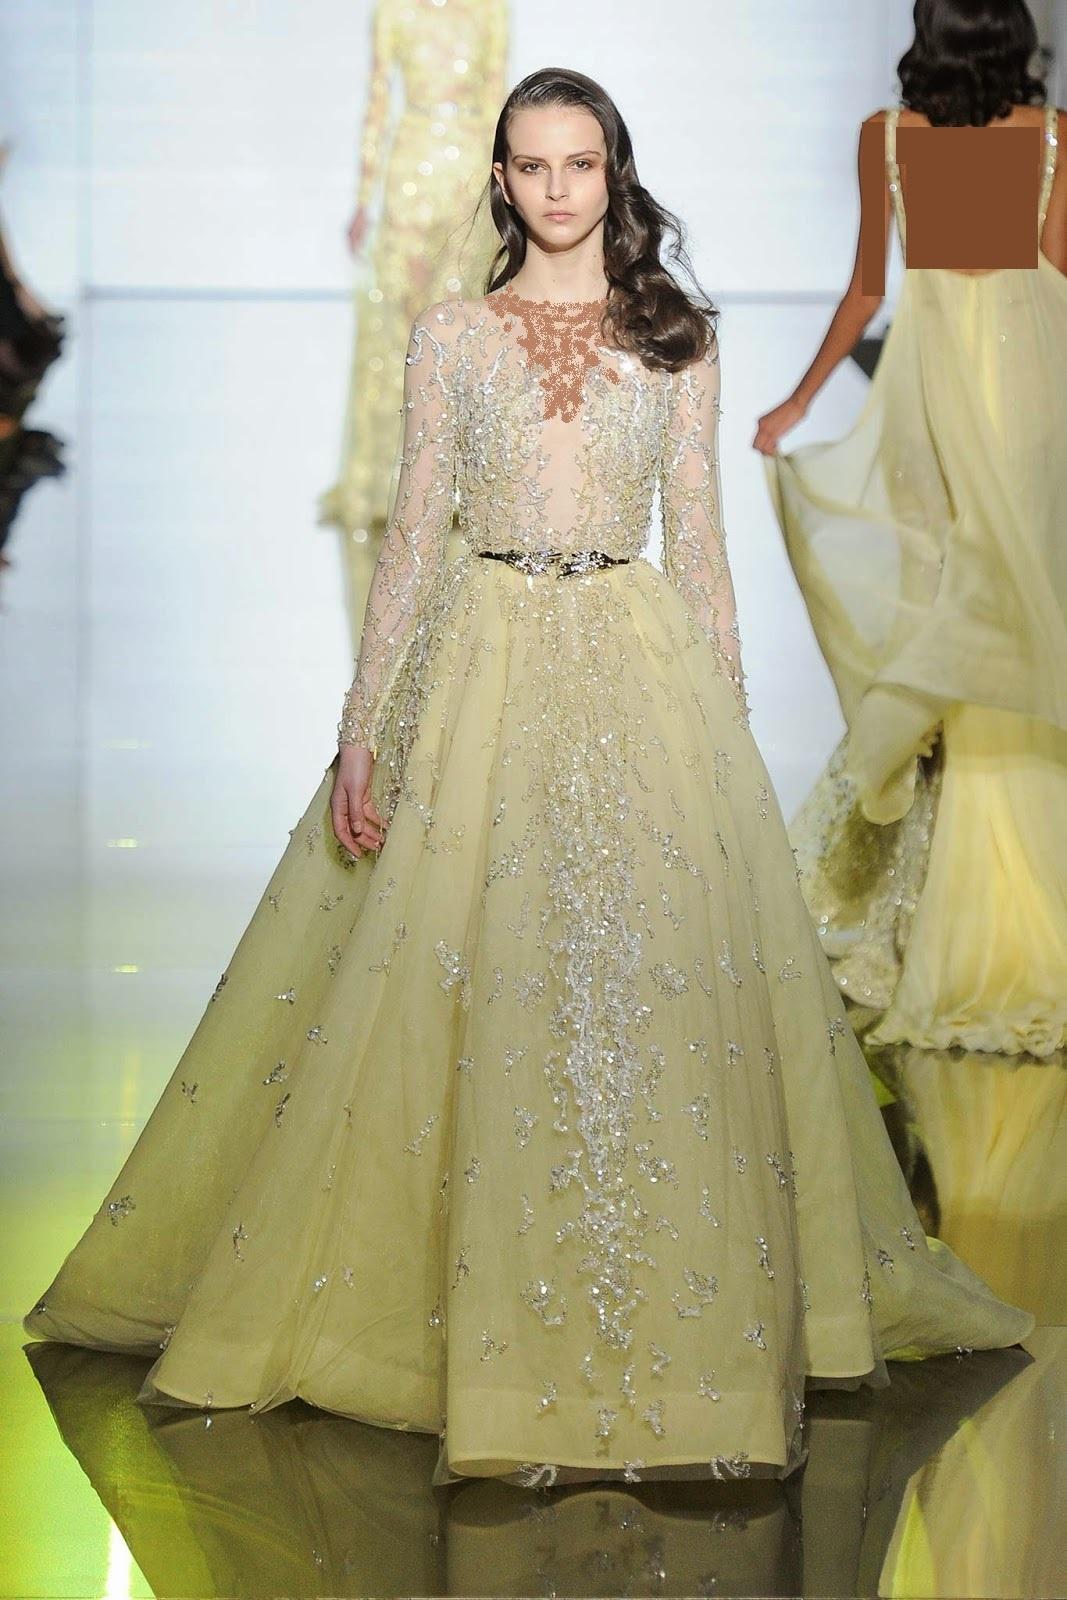 مجموعه ای از مدل های  لباس مجلسی 2016-95/لباس مجلسی بلند زنانه